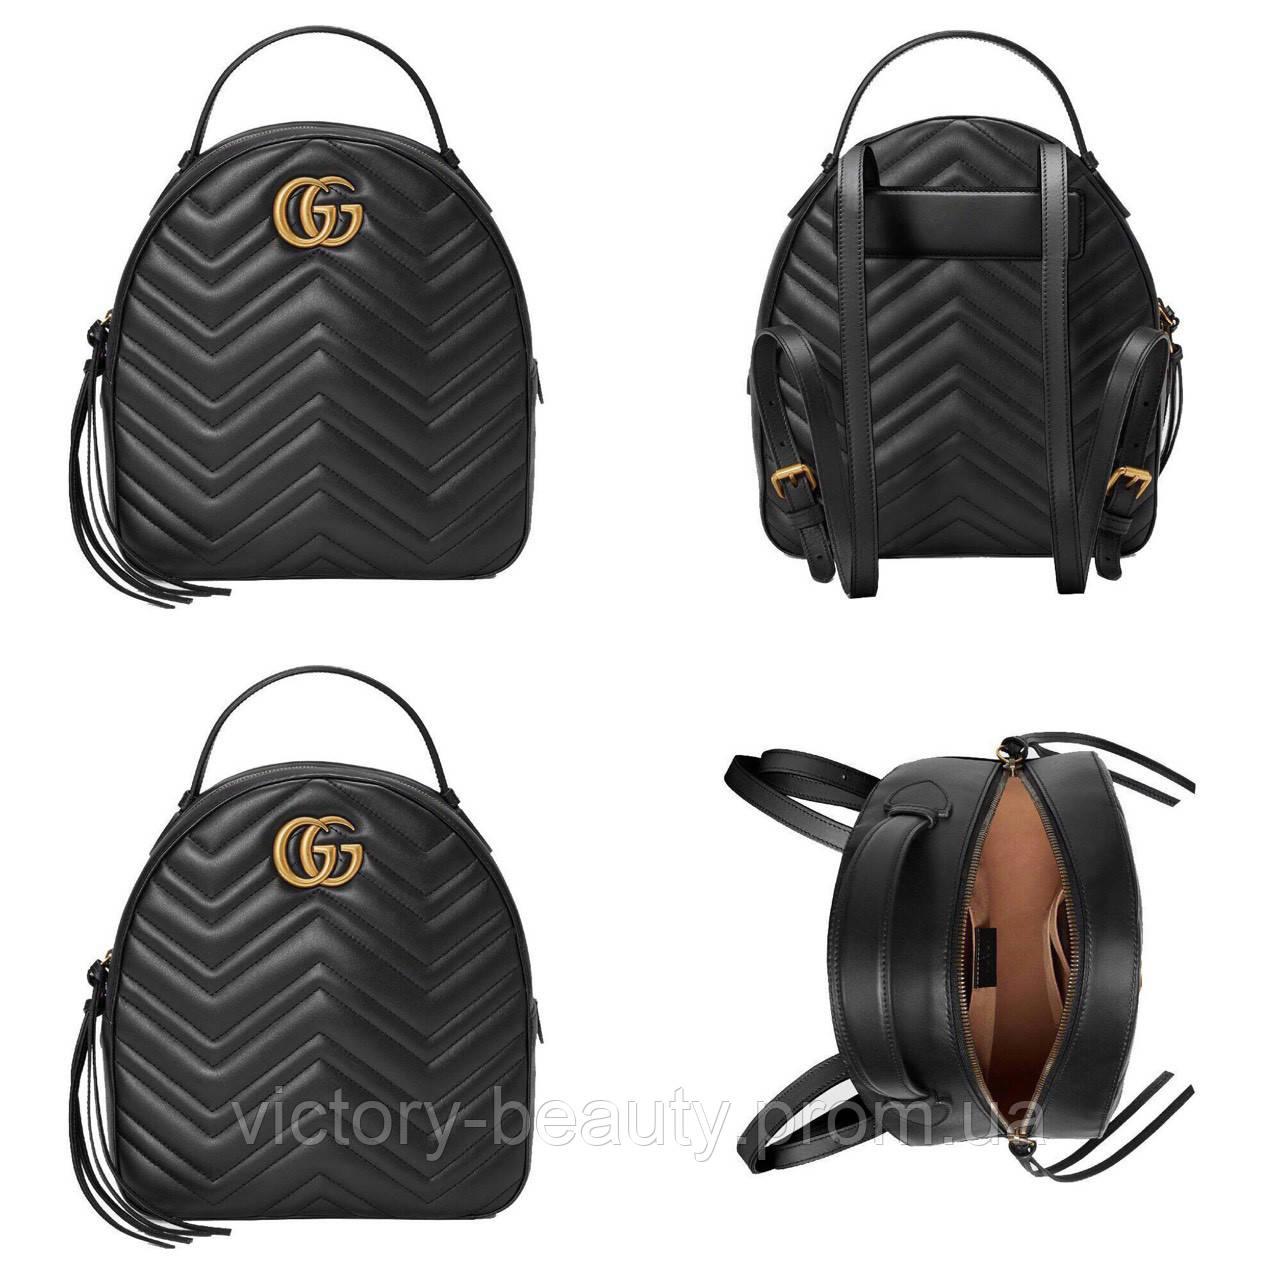 11738a6b1df5 Рюкзак женский копия люкс Gucci  продажа, цена в Харькове. рюкзаки ...